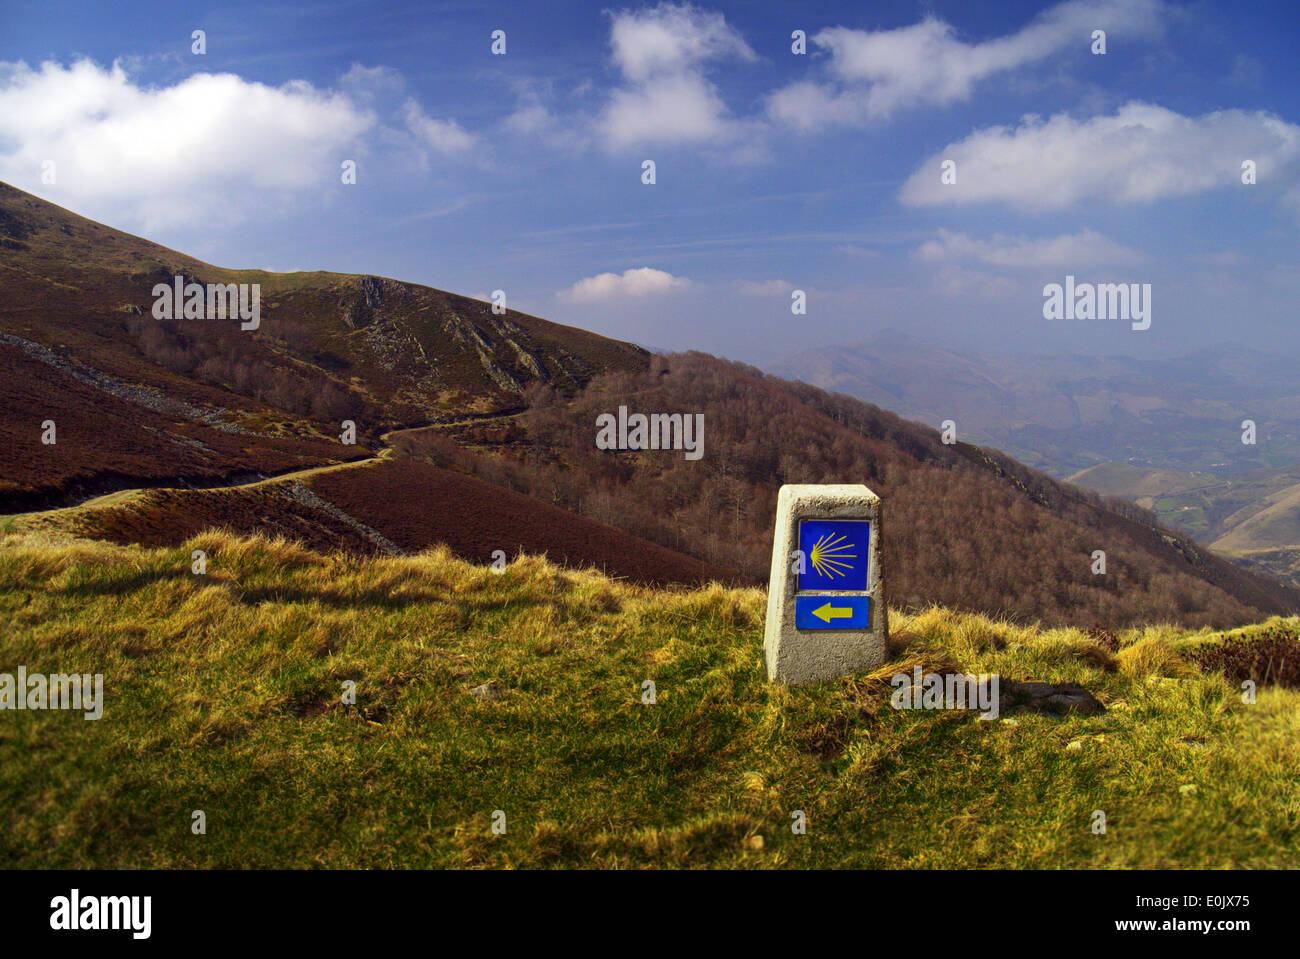 El Camino De Santiago De Compostela Shell WaySign in the Pyrenees - Stock Image